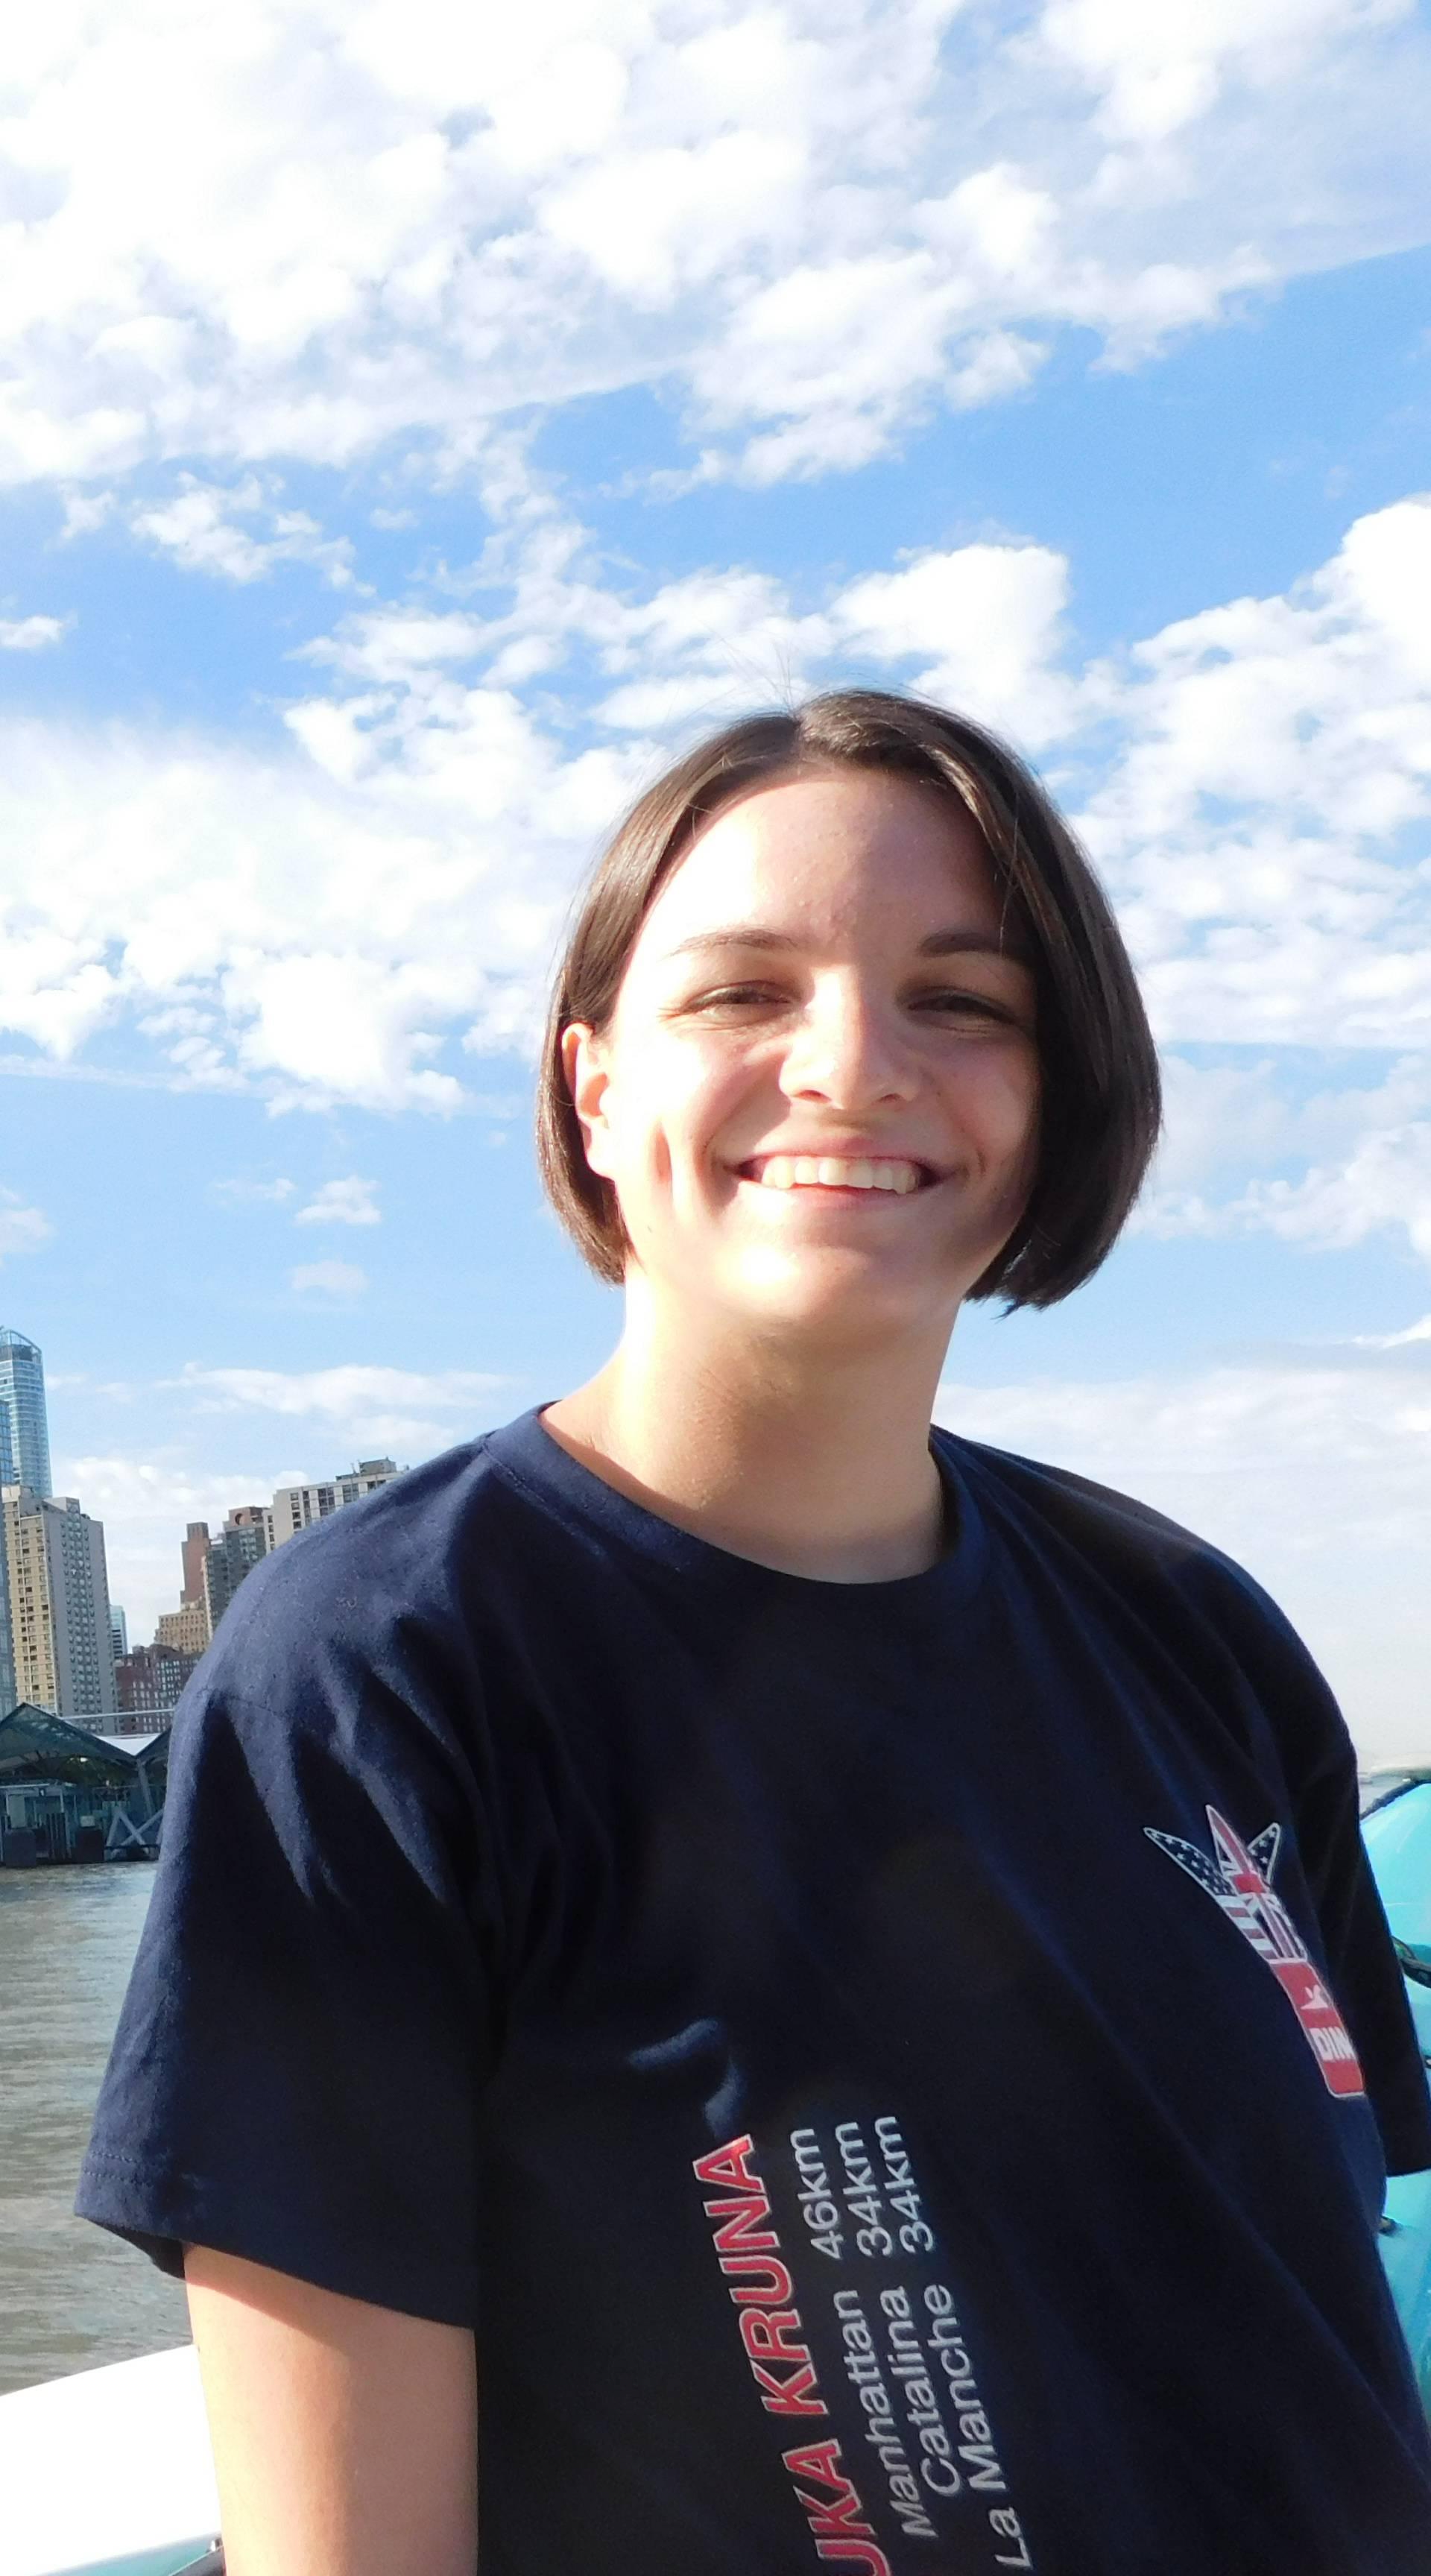 Preplivala je cijeli Manhattan: 'Bilo je teško, ali sam uspjela'